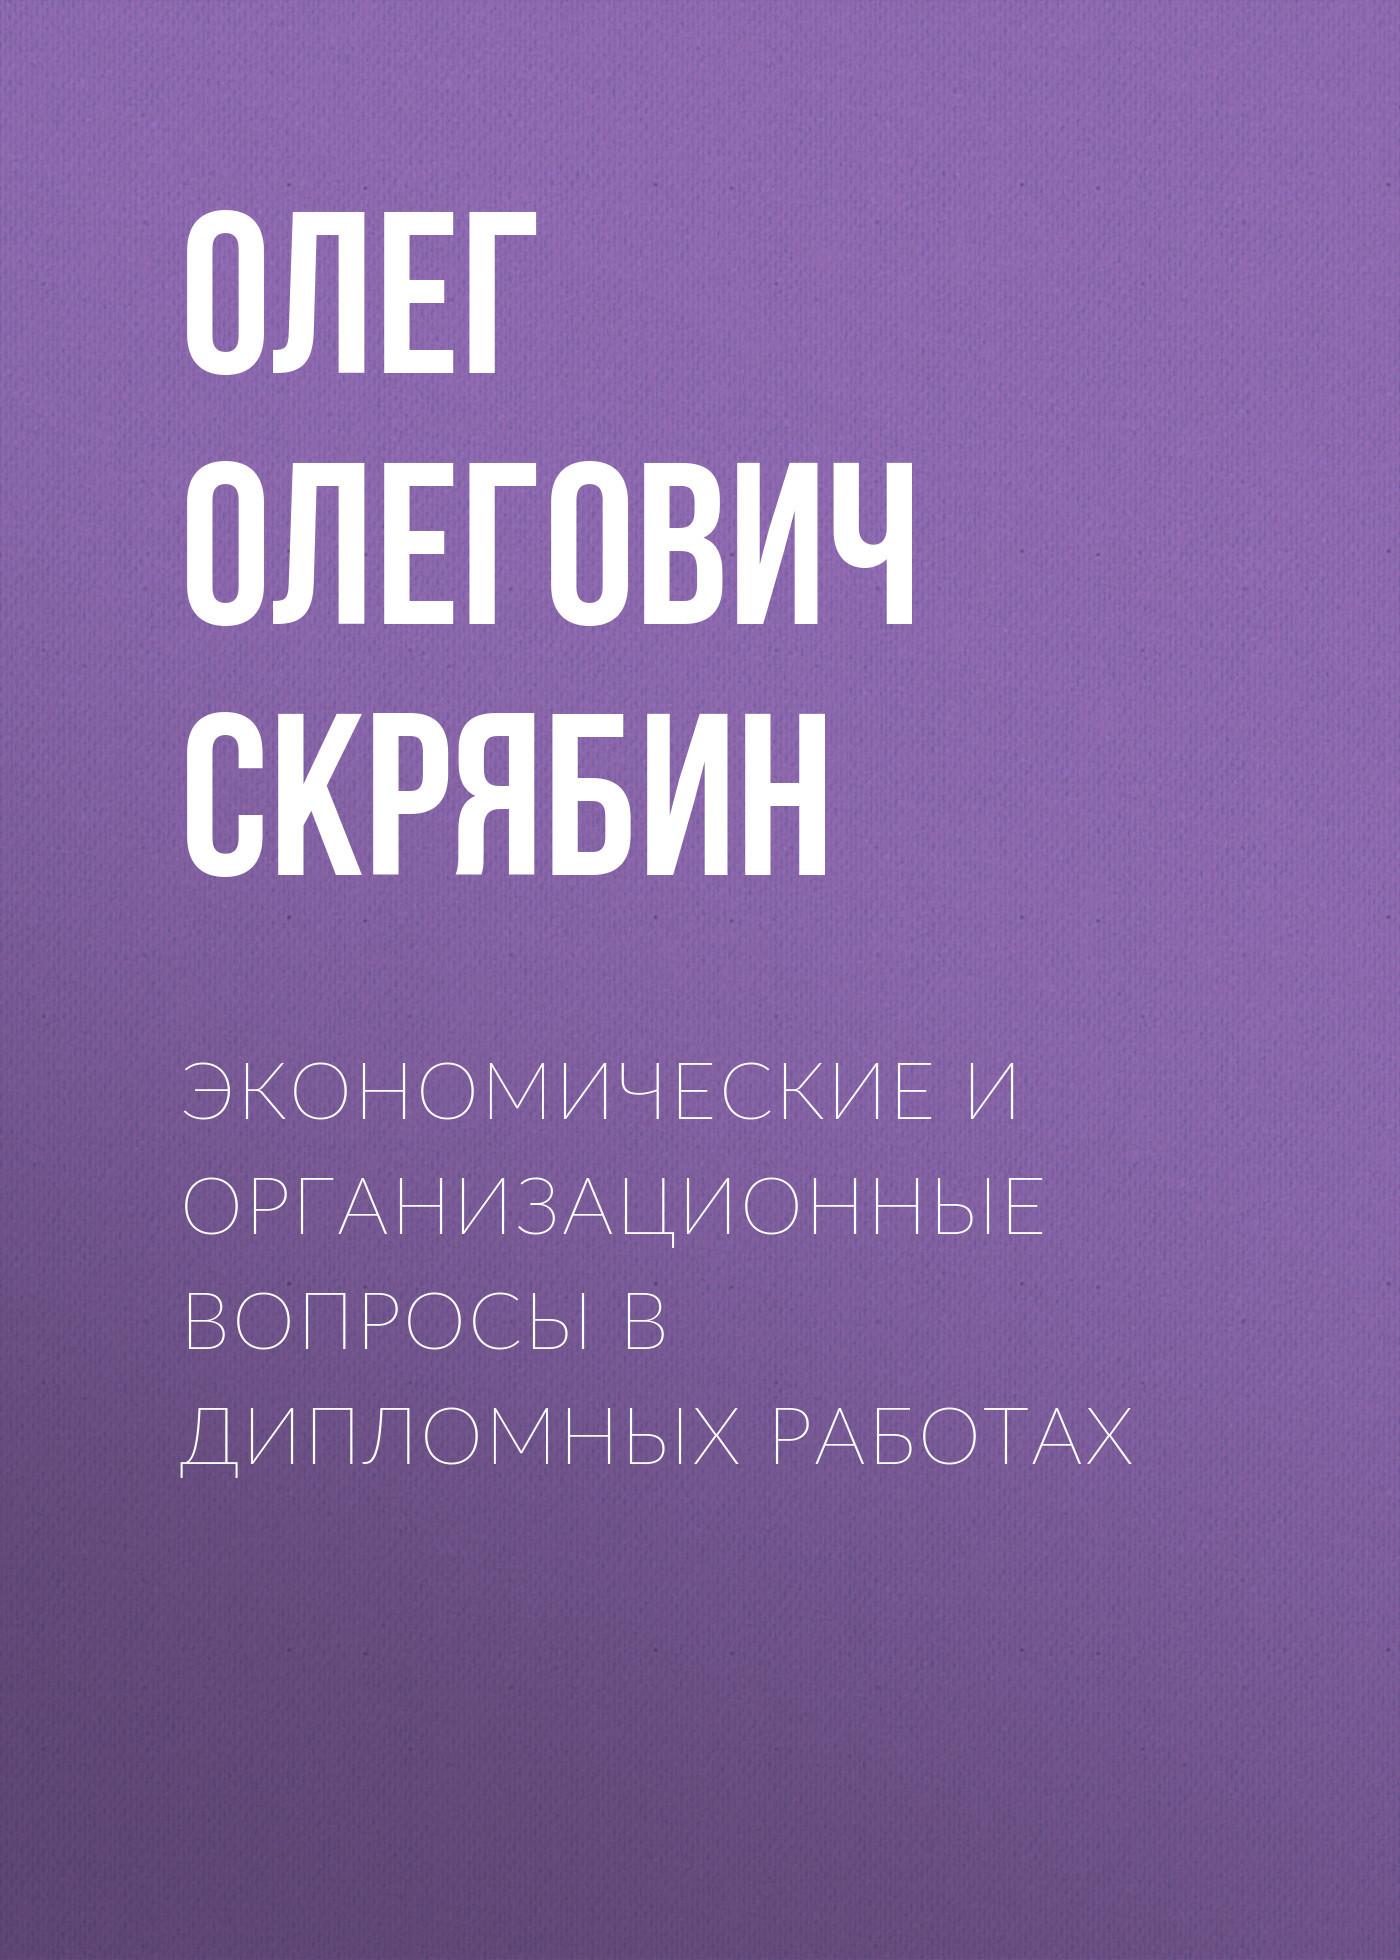 Олег Олегович Скрябин. Экономические и организационные вопросы в дипломных работах